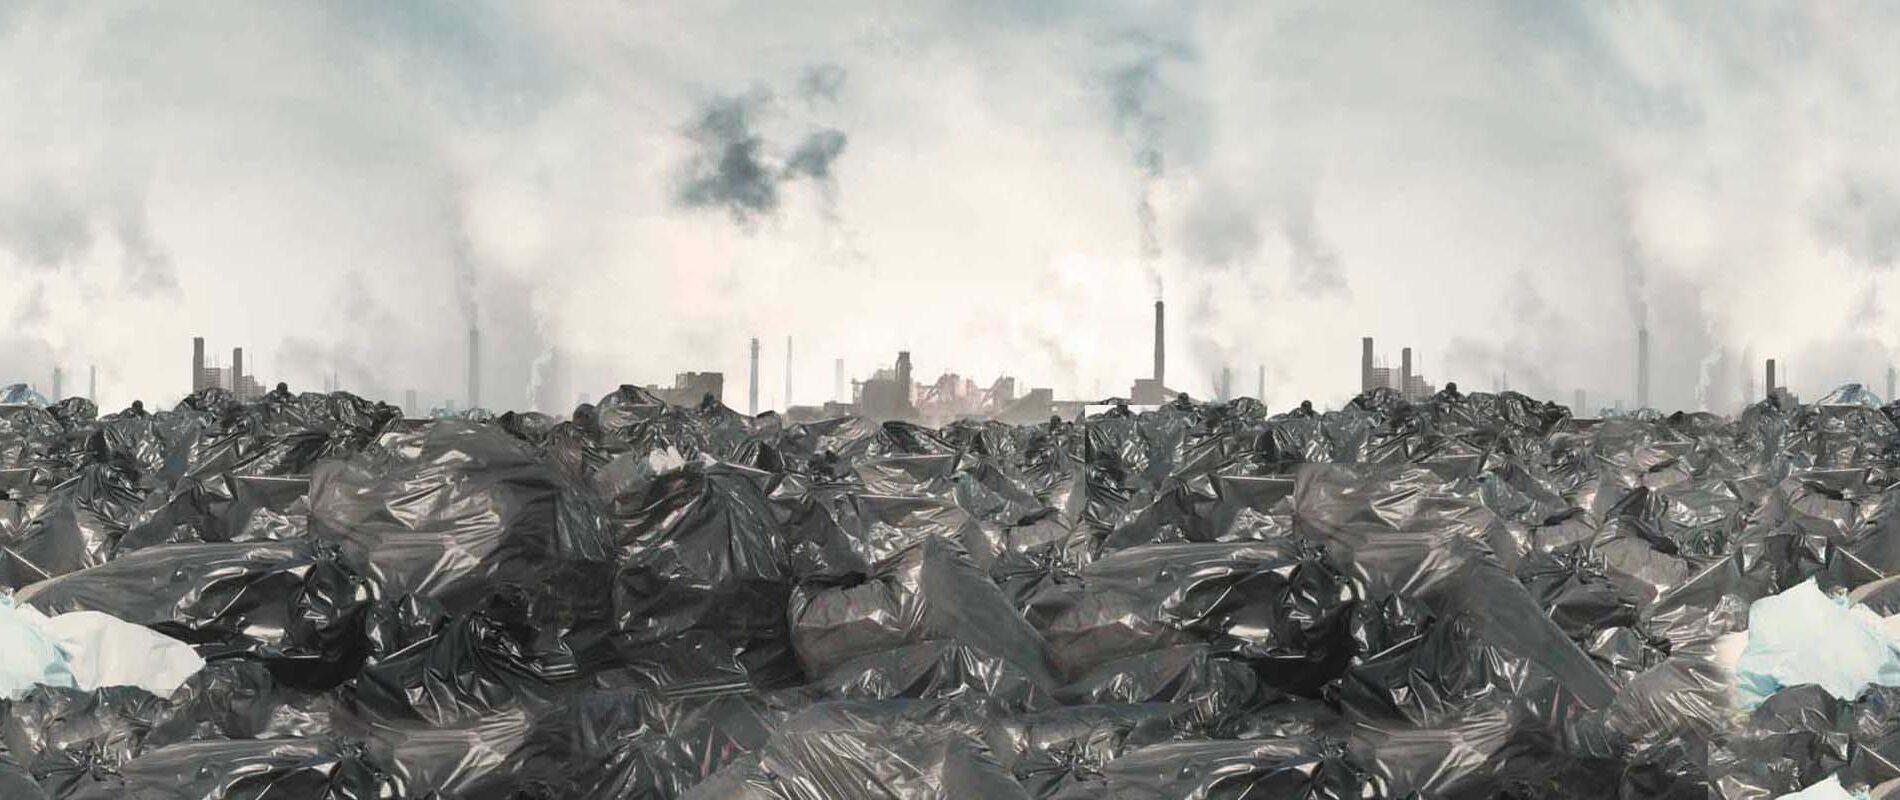 rifiutoo software rifiuti produttori